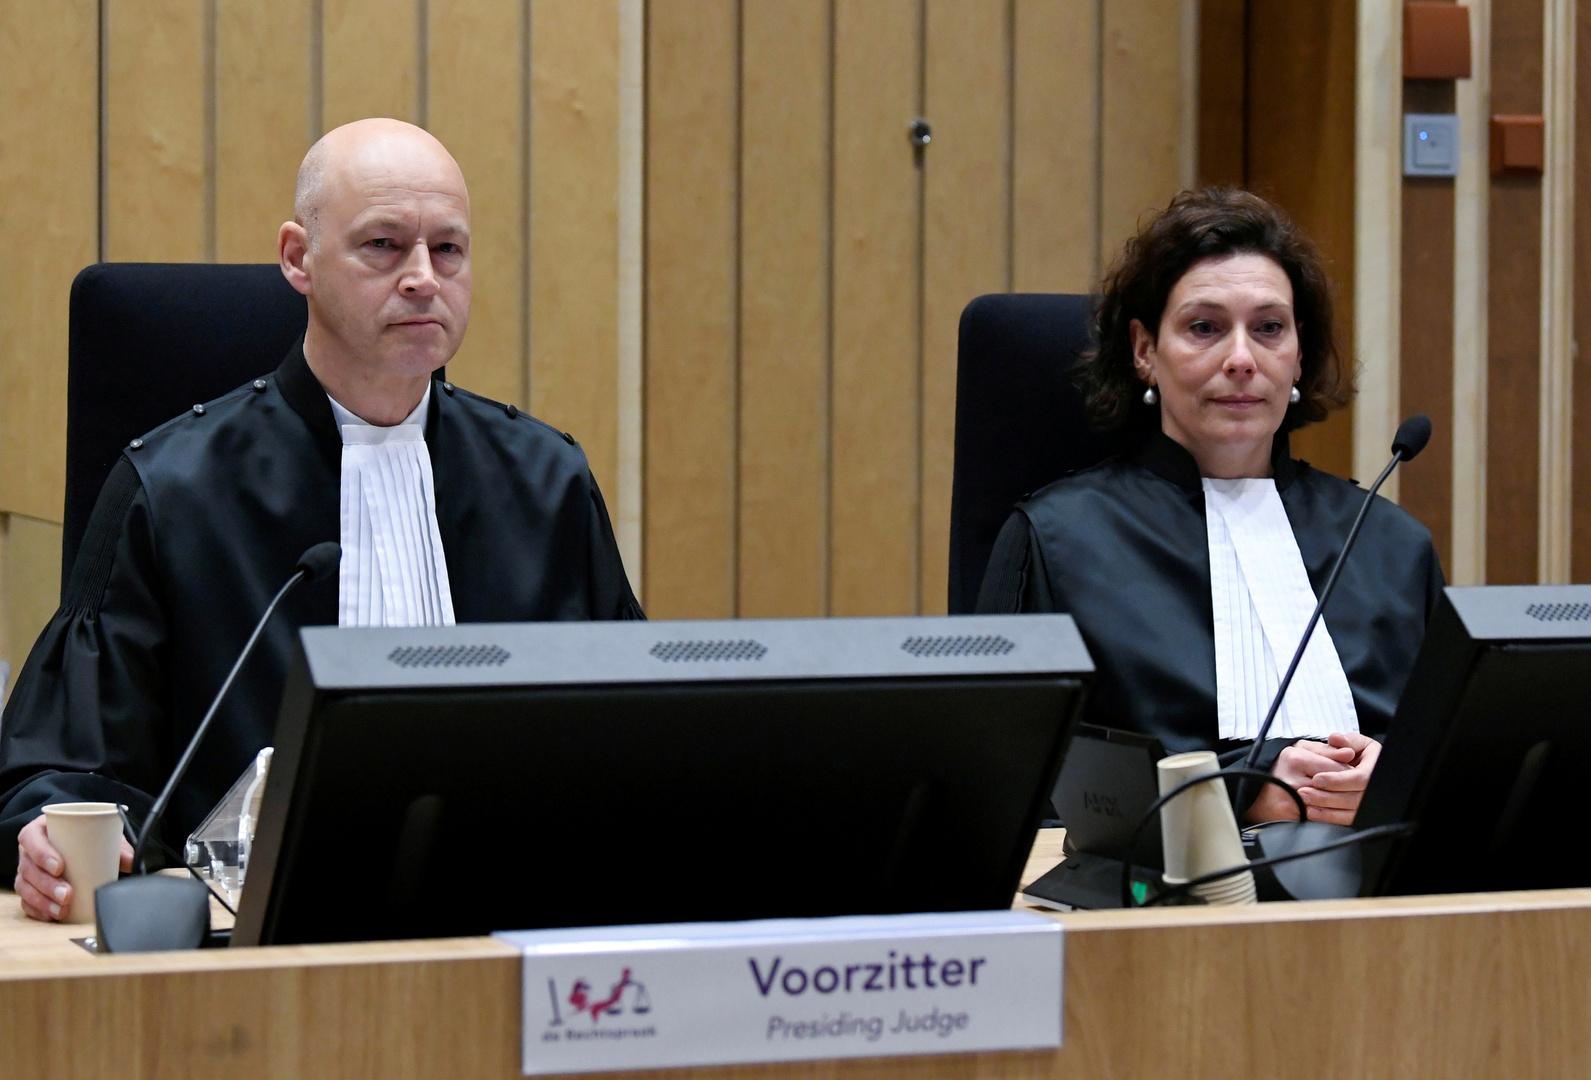 القاضية هيلين كيرستنس-فوكنس